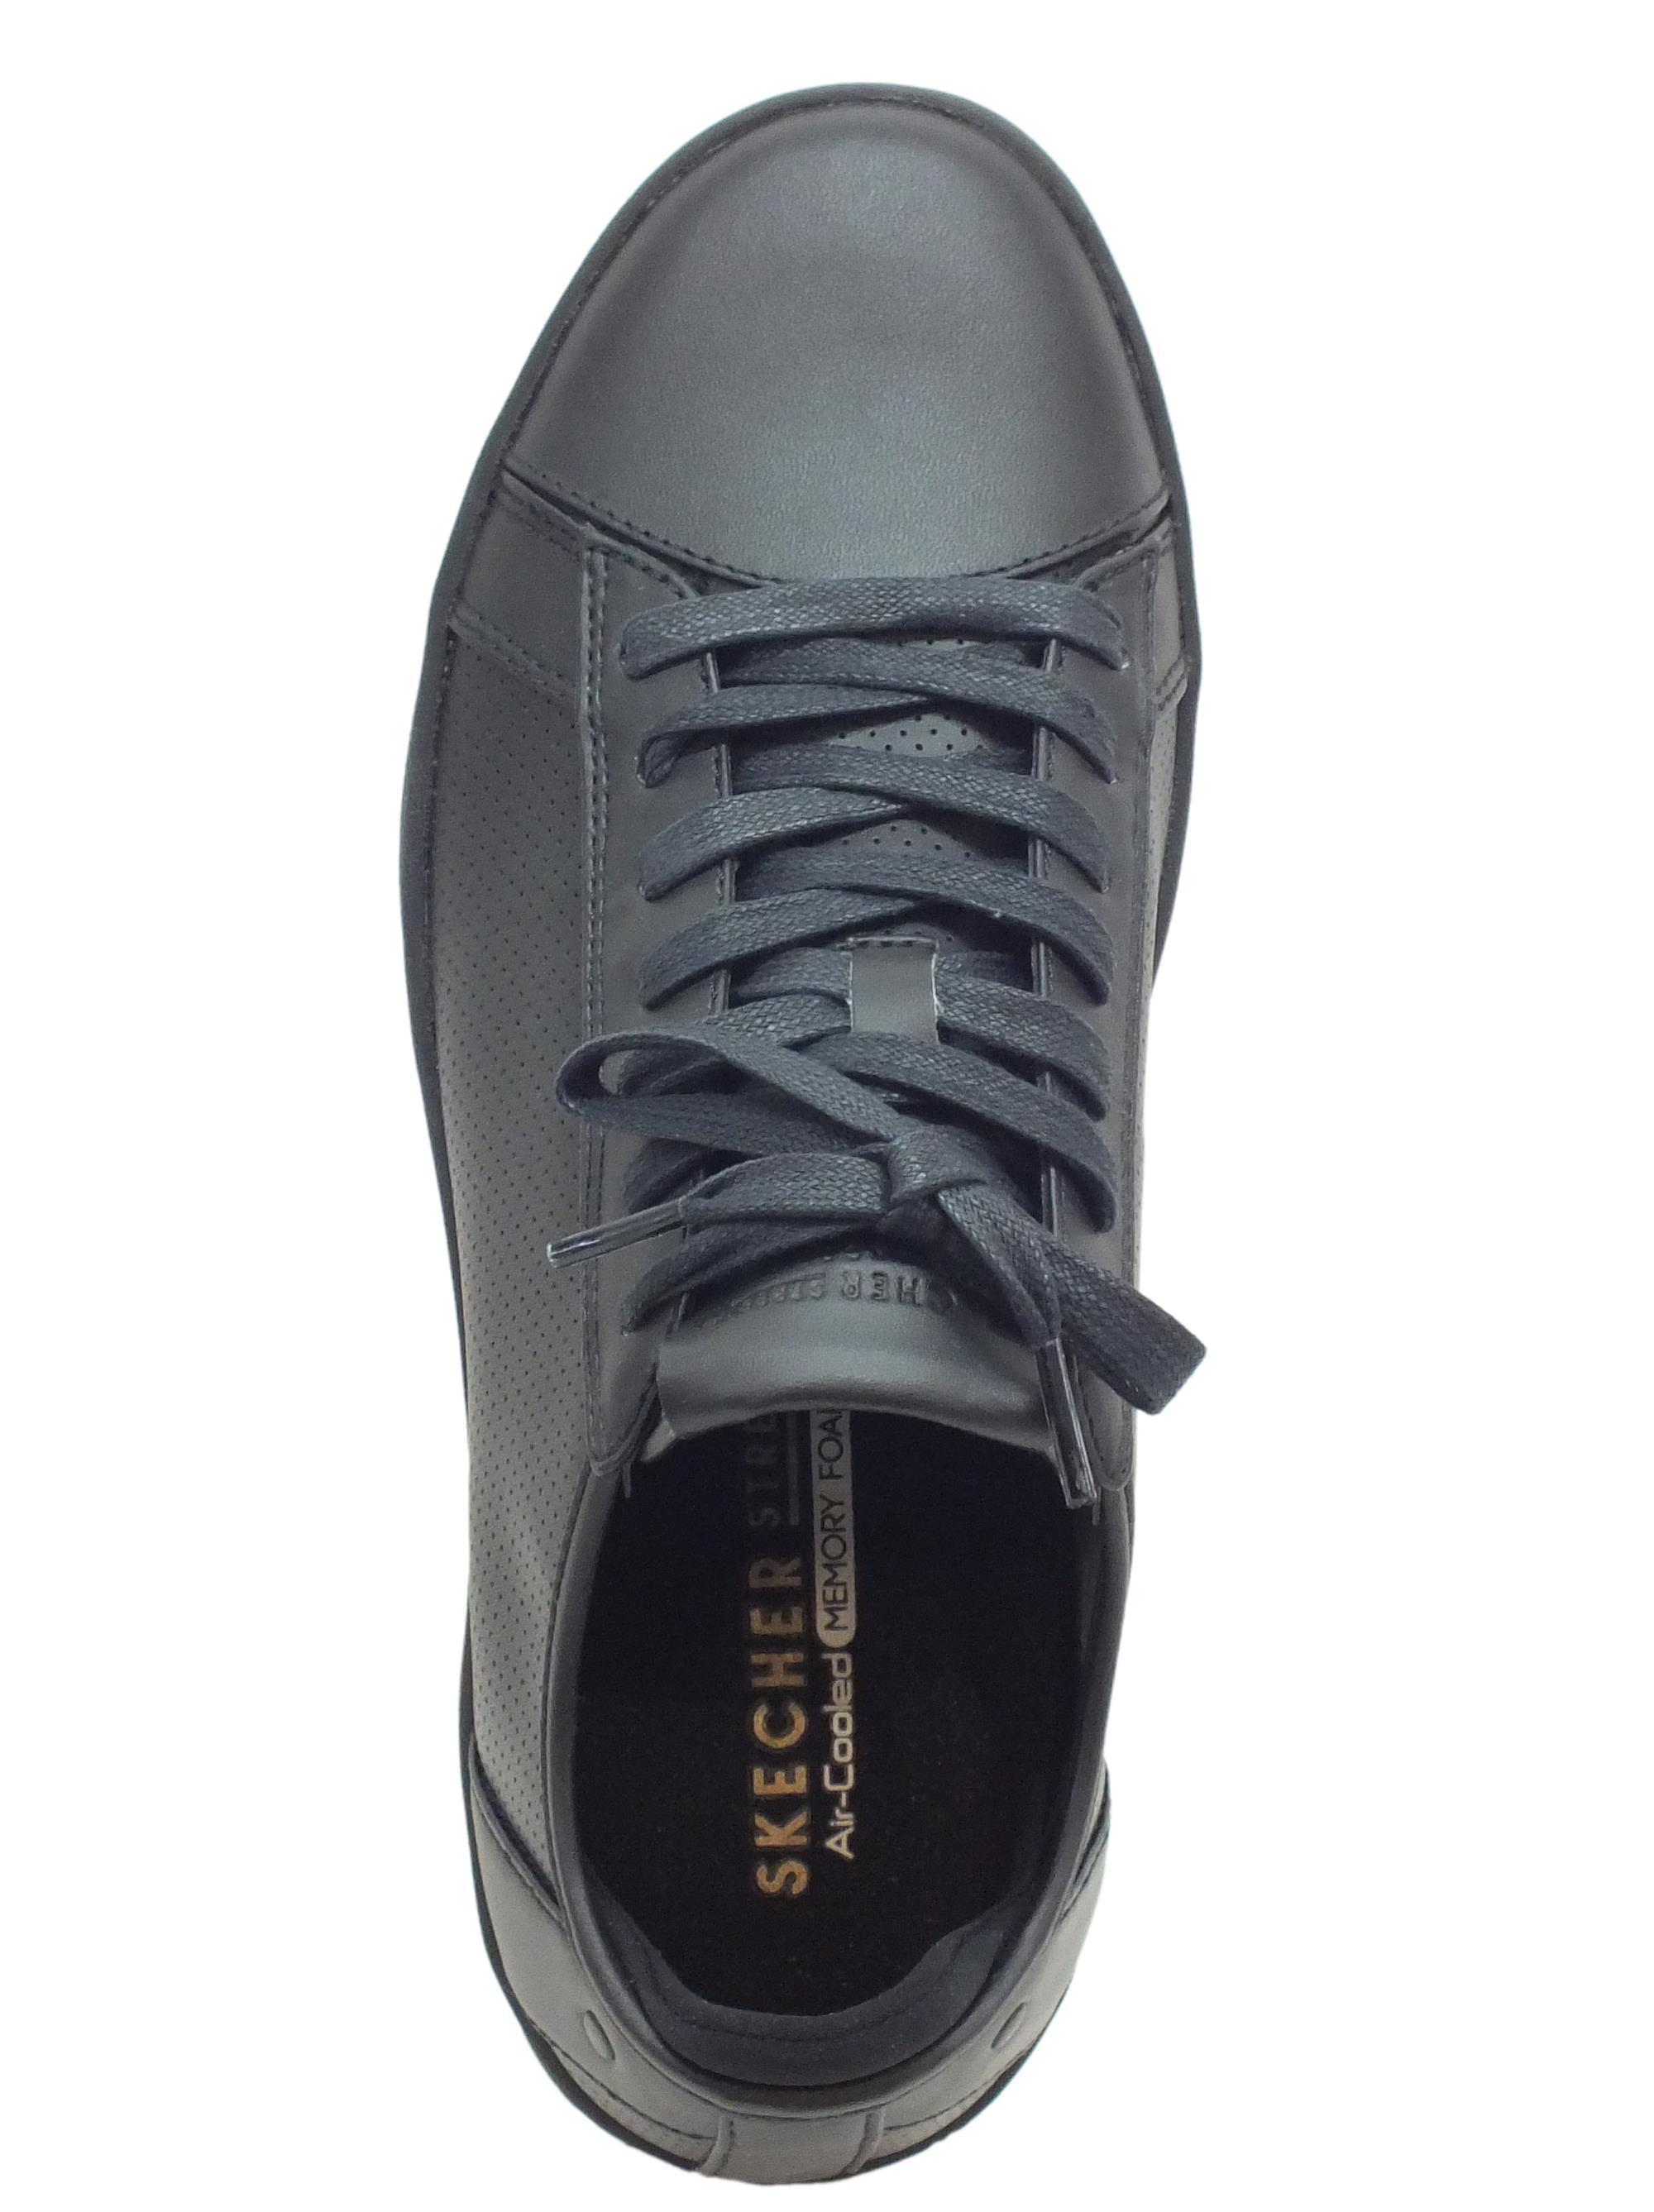 ... Scarpe Skechers Los Angeles per uomo modello tennis in pelle nera d38e61dc24b